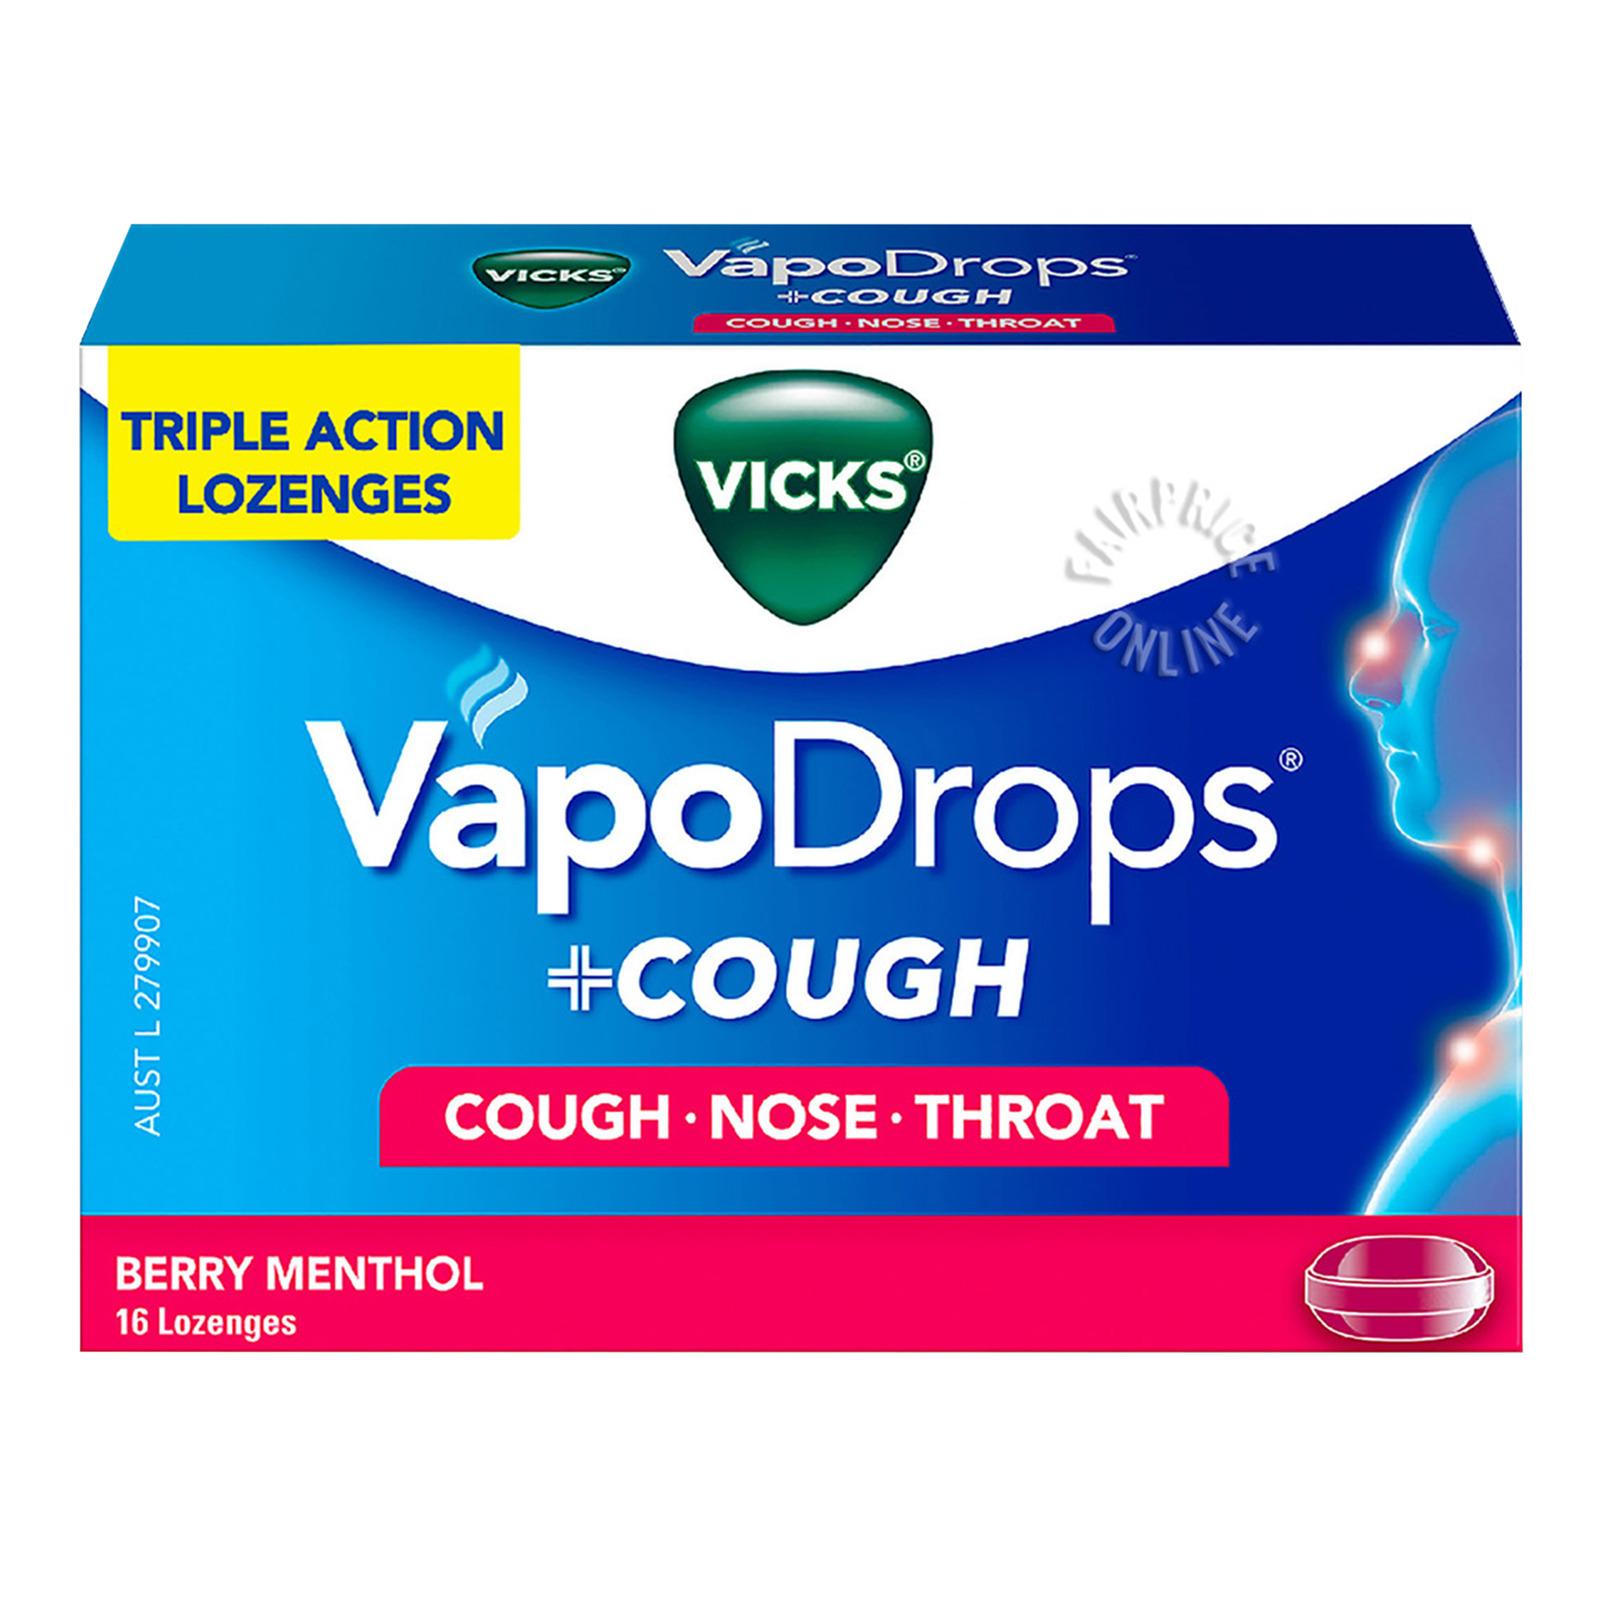 Vicks VapoDrops + Cough Menthol Lozenges - Berry